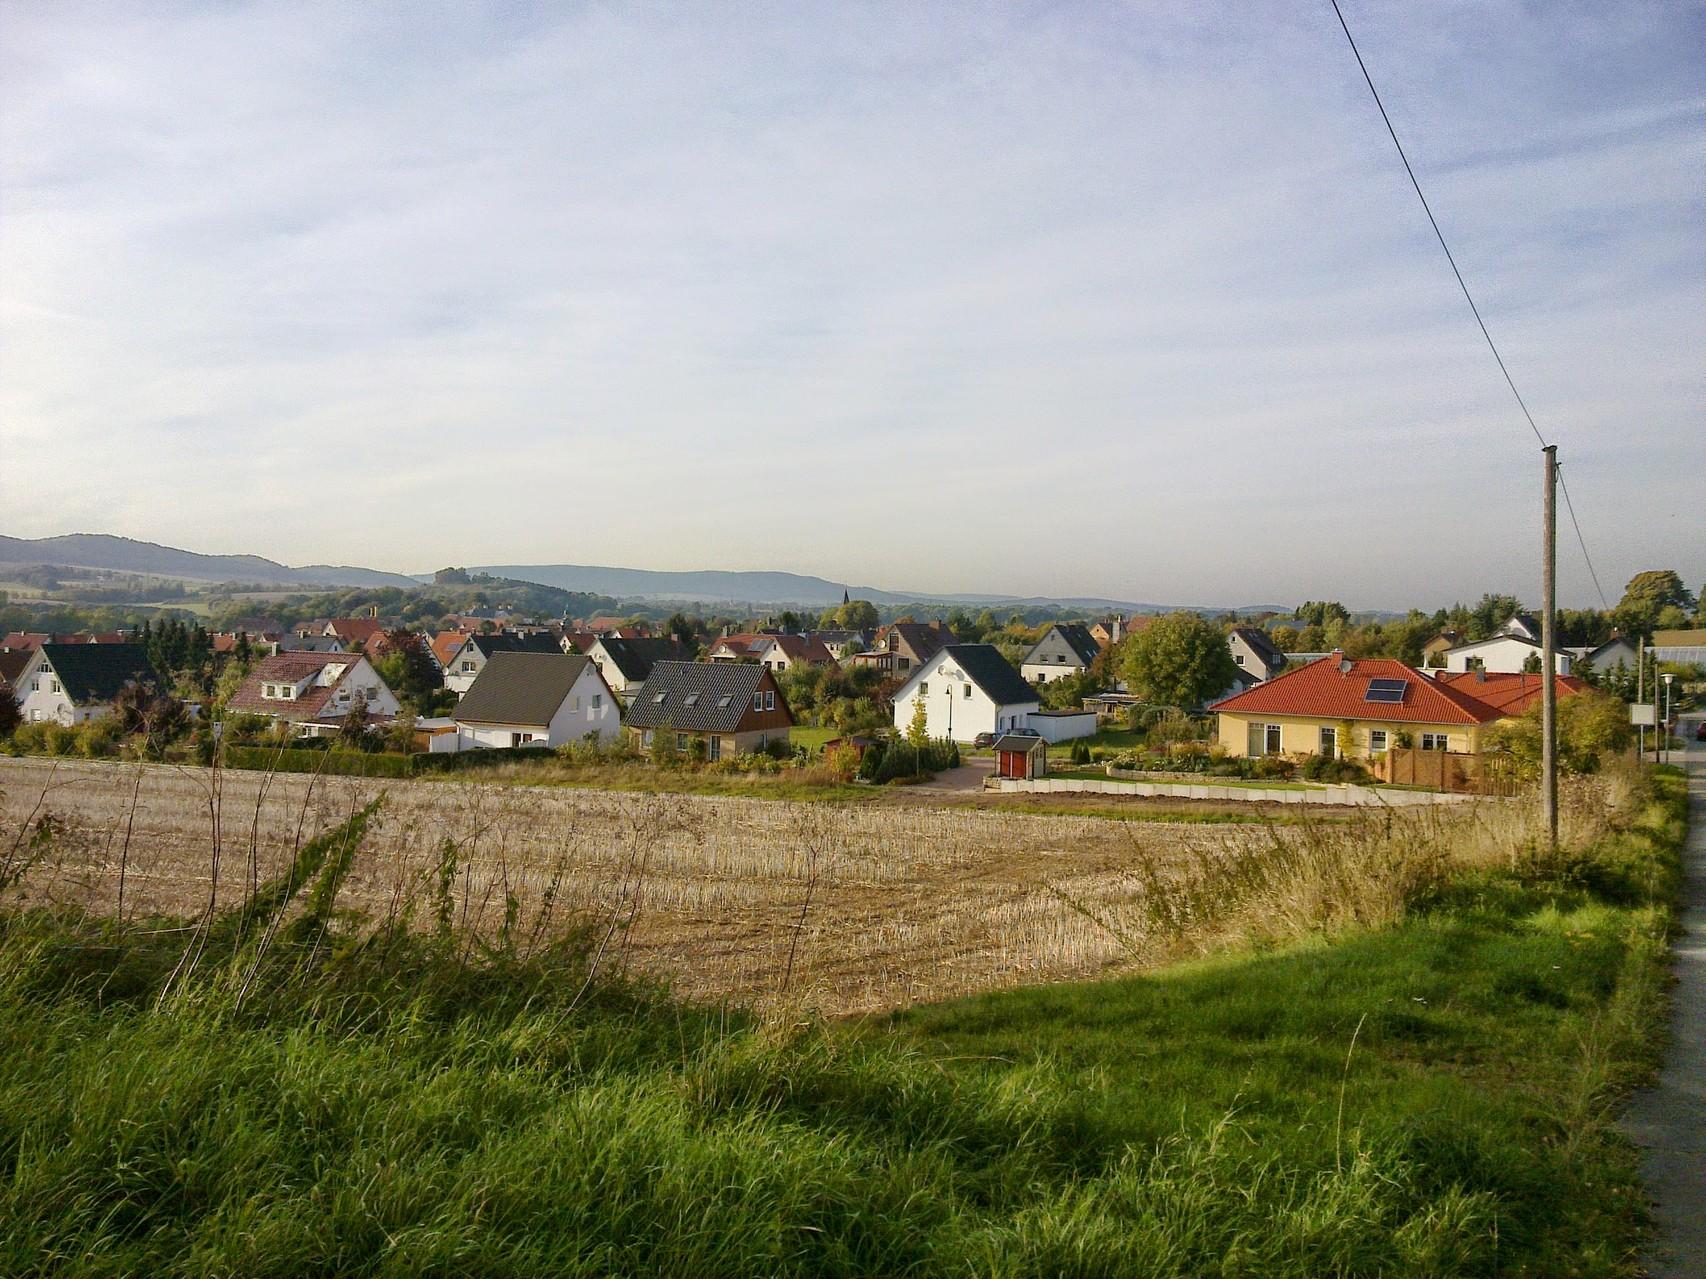 ~ Bild: Spaziergang bei Brüggen (Leine), Blick auf den Ort ~